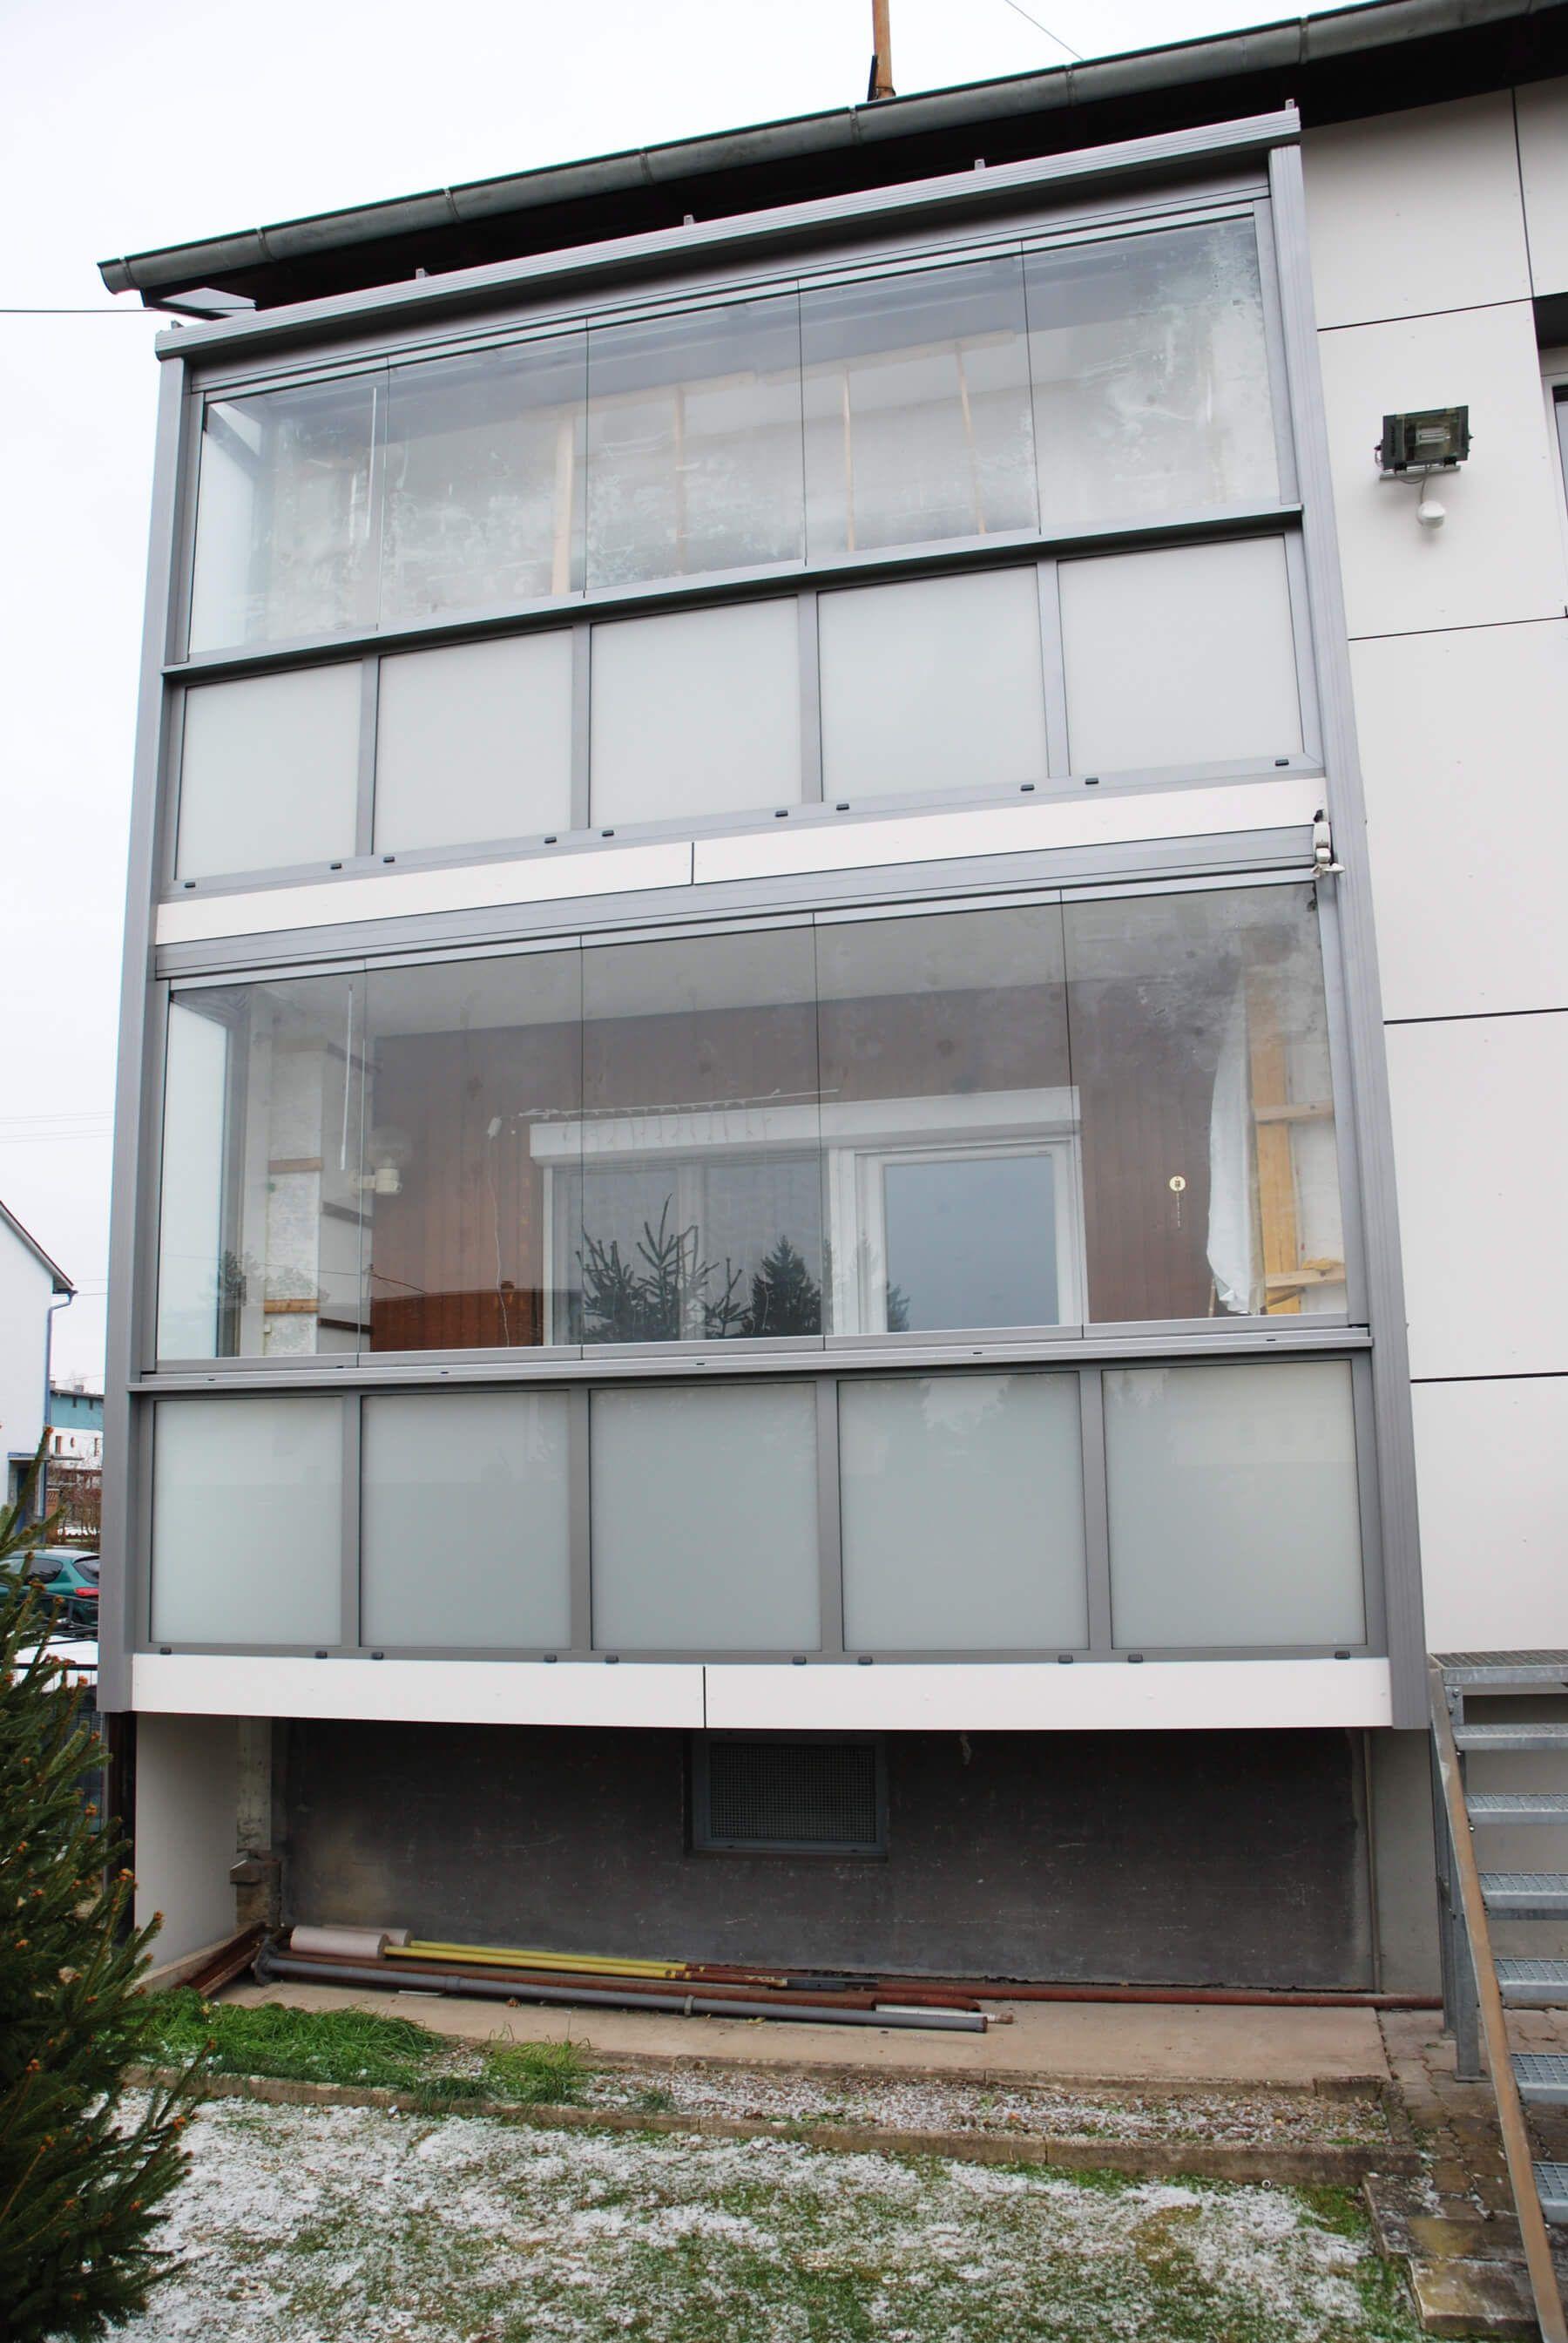 Balkonverglasung Ohne Rahmen Sichtschutz Balkon Seitlich